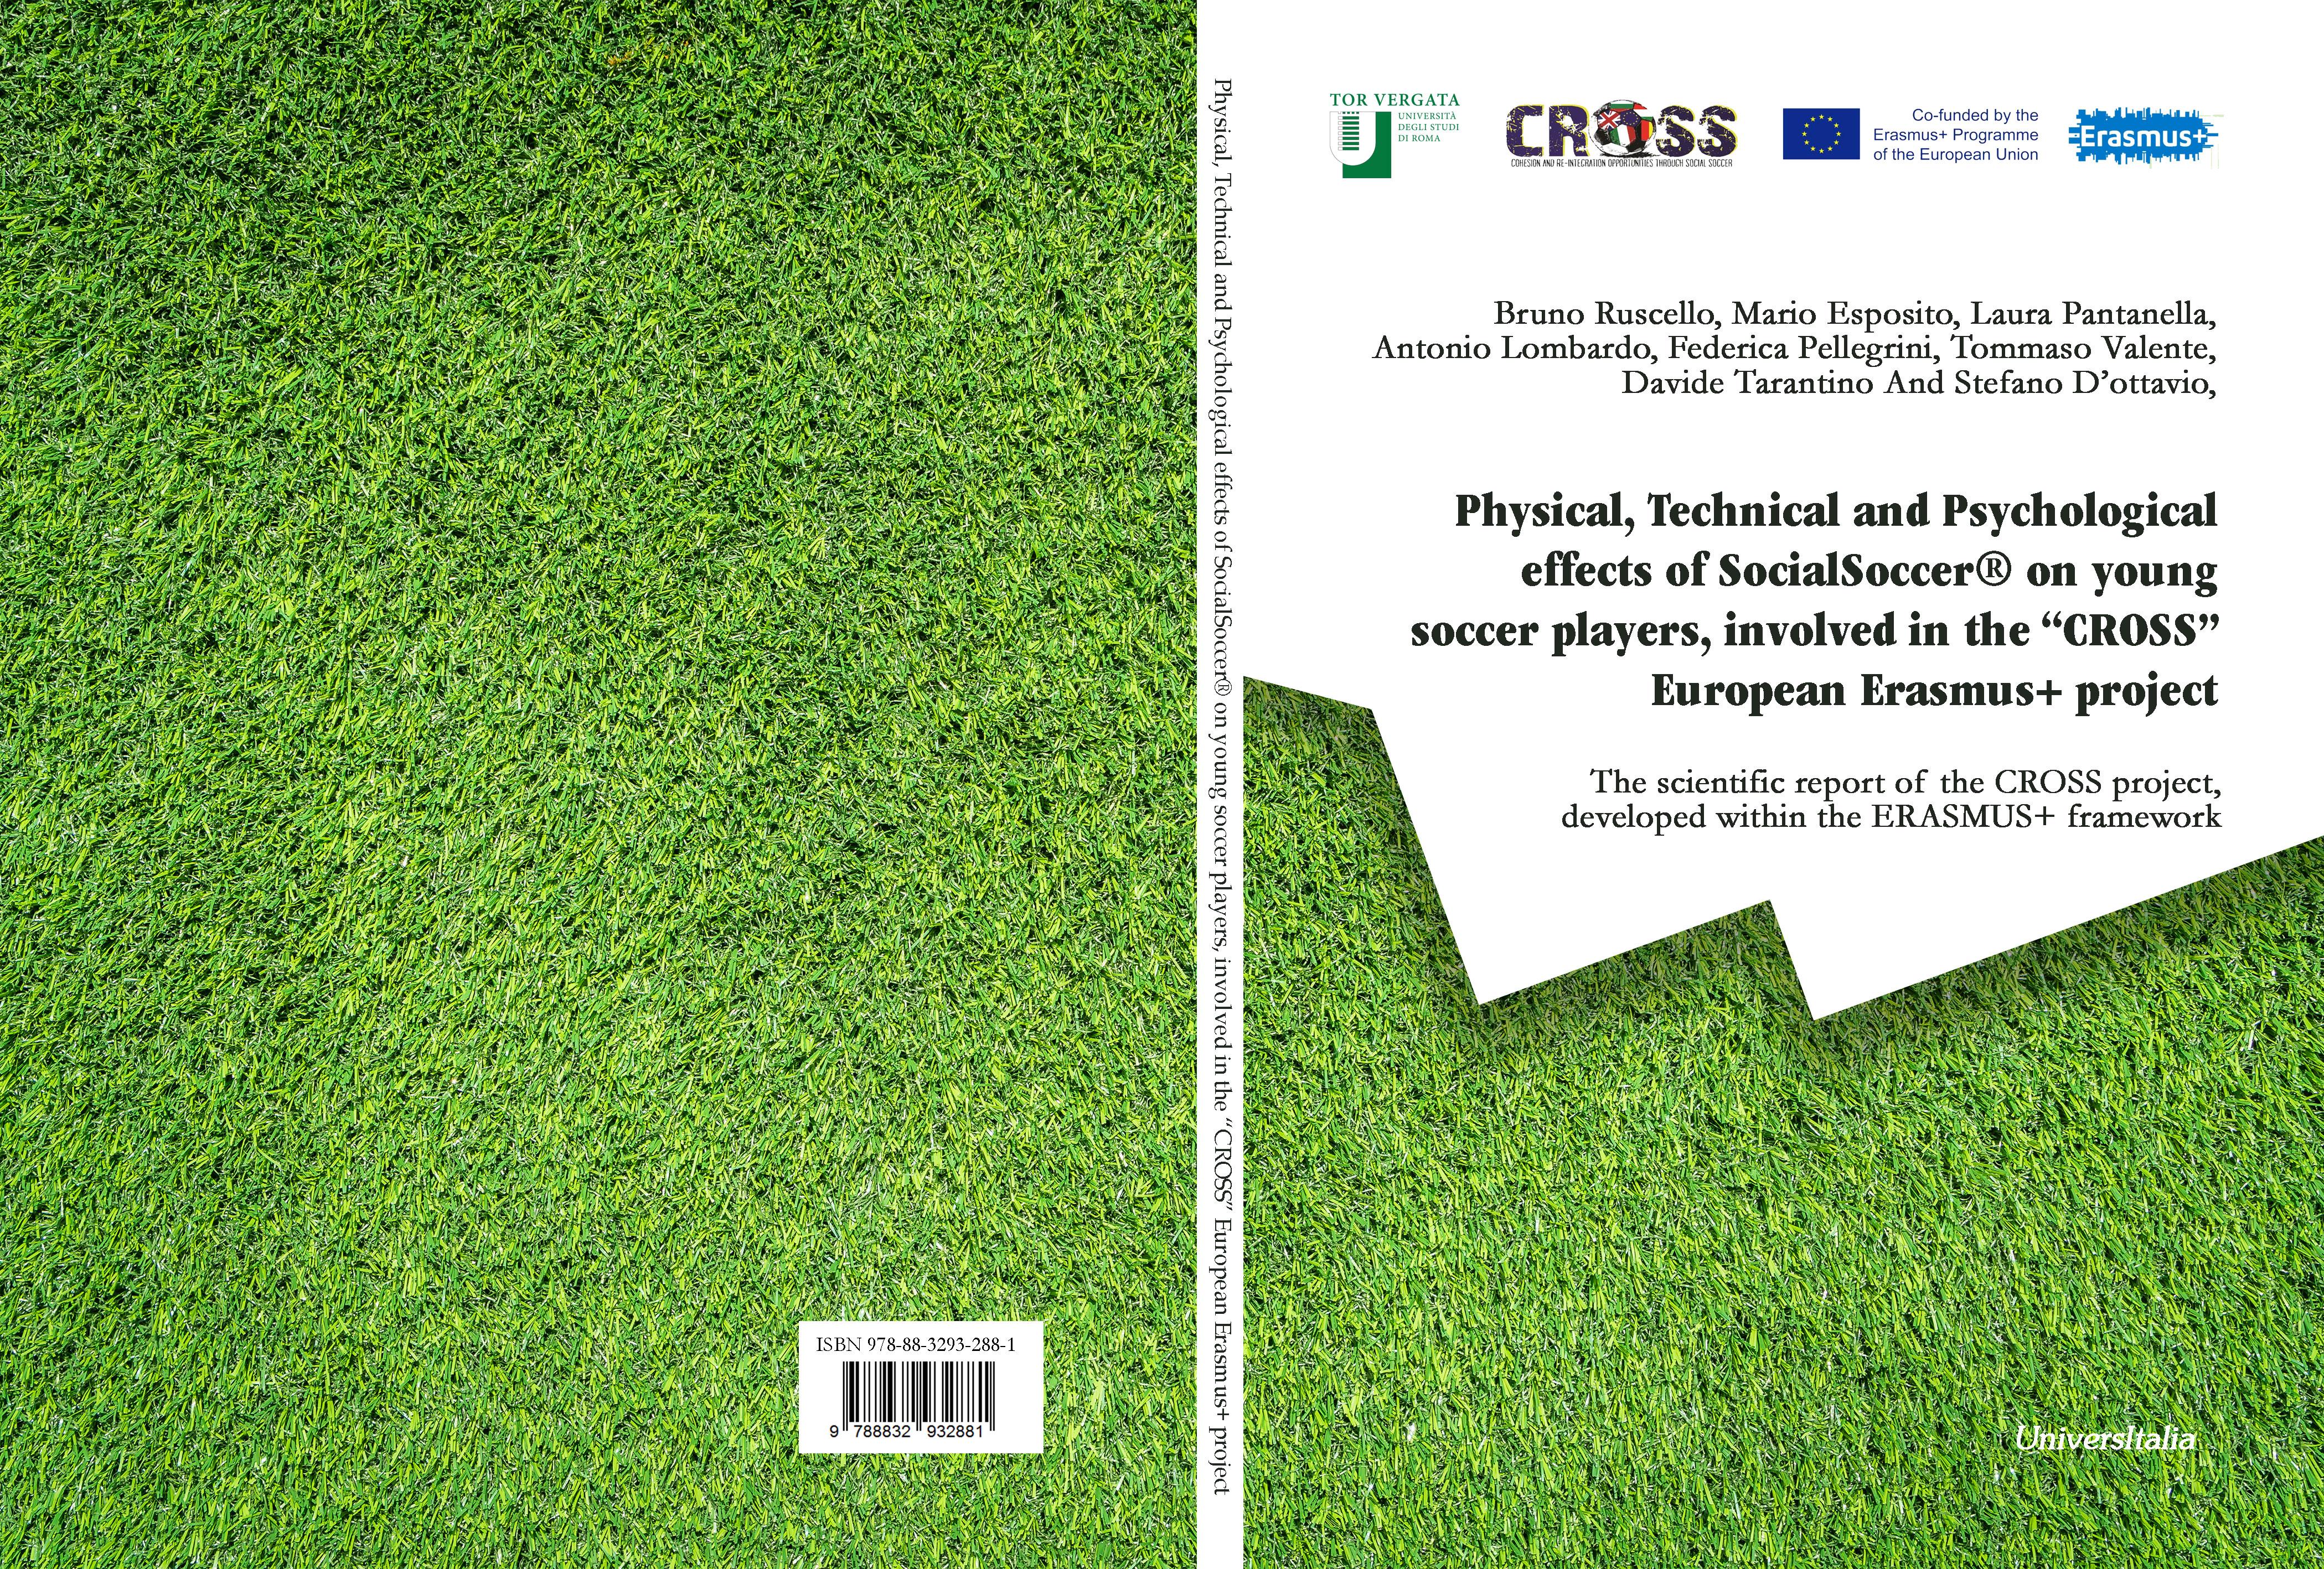 Report del progetto CROSS Erasmus+ - scarica il PDF nella sezione Erasmus